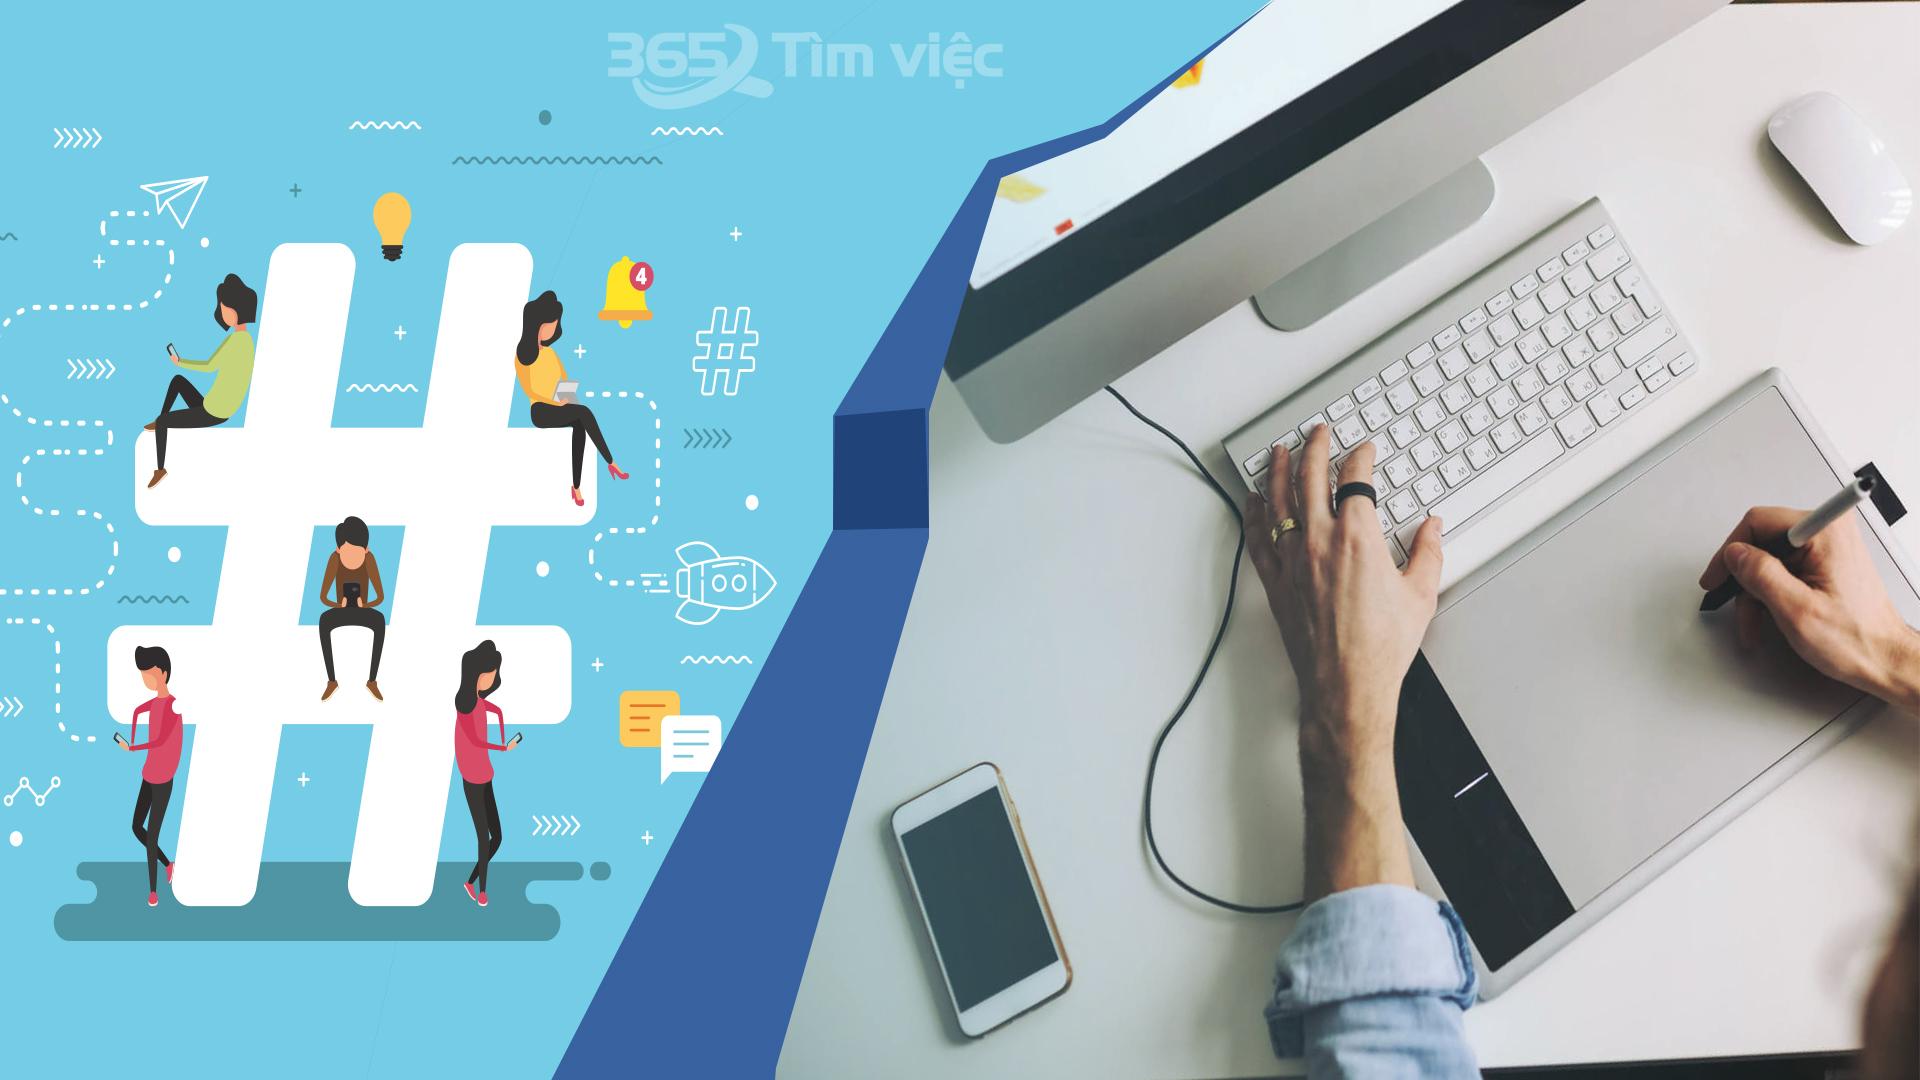 Địa chỉ timviec365.vn - Nơi download CV độc đáo số 1